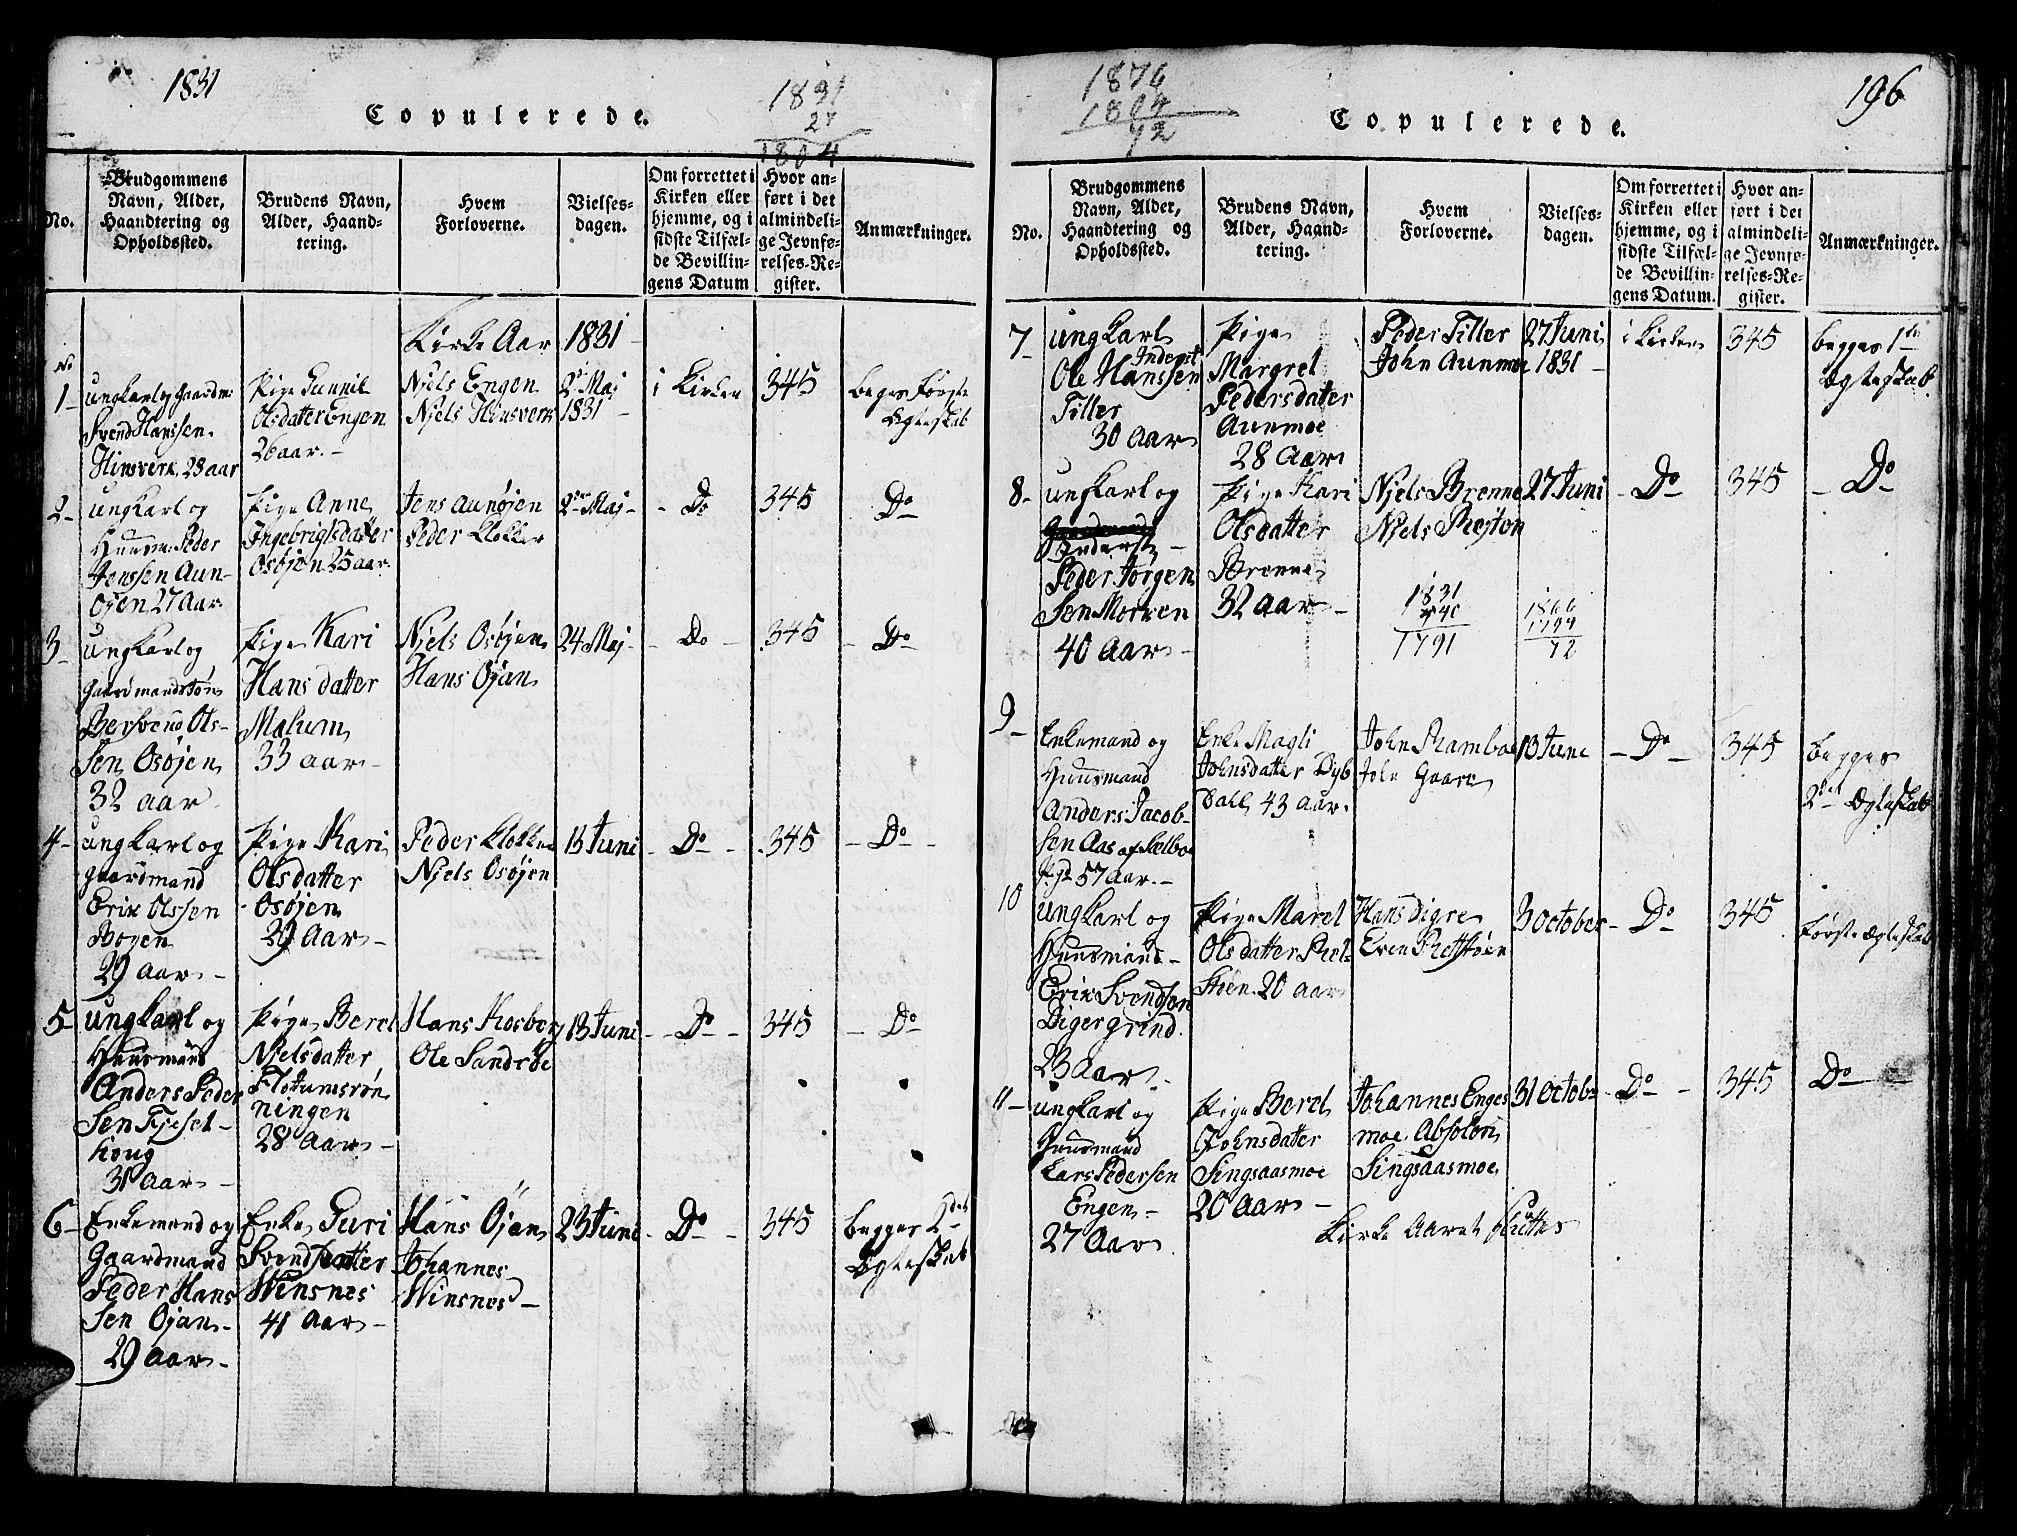 SAT, Ministerialprotokoller, klokkerbøker og fødselsregistre - Sør-Trøndelag, 688/L1026: Klokkerbok nr. 688C01, 1817-1860, s. 196